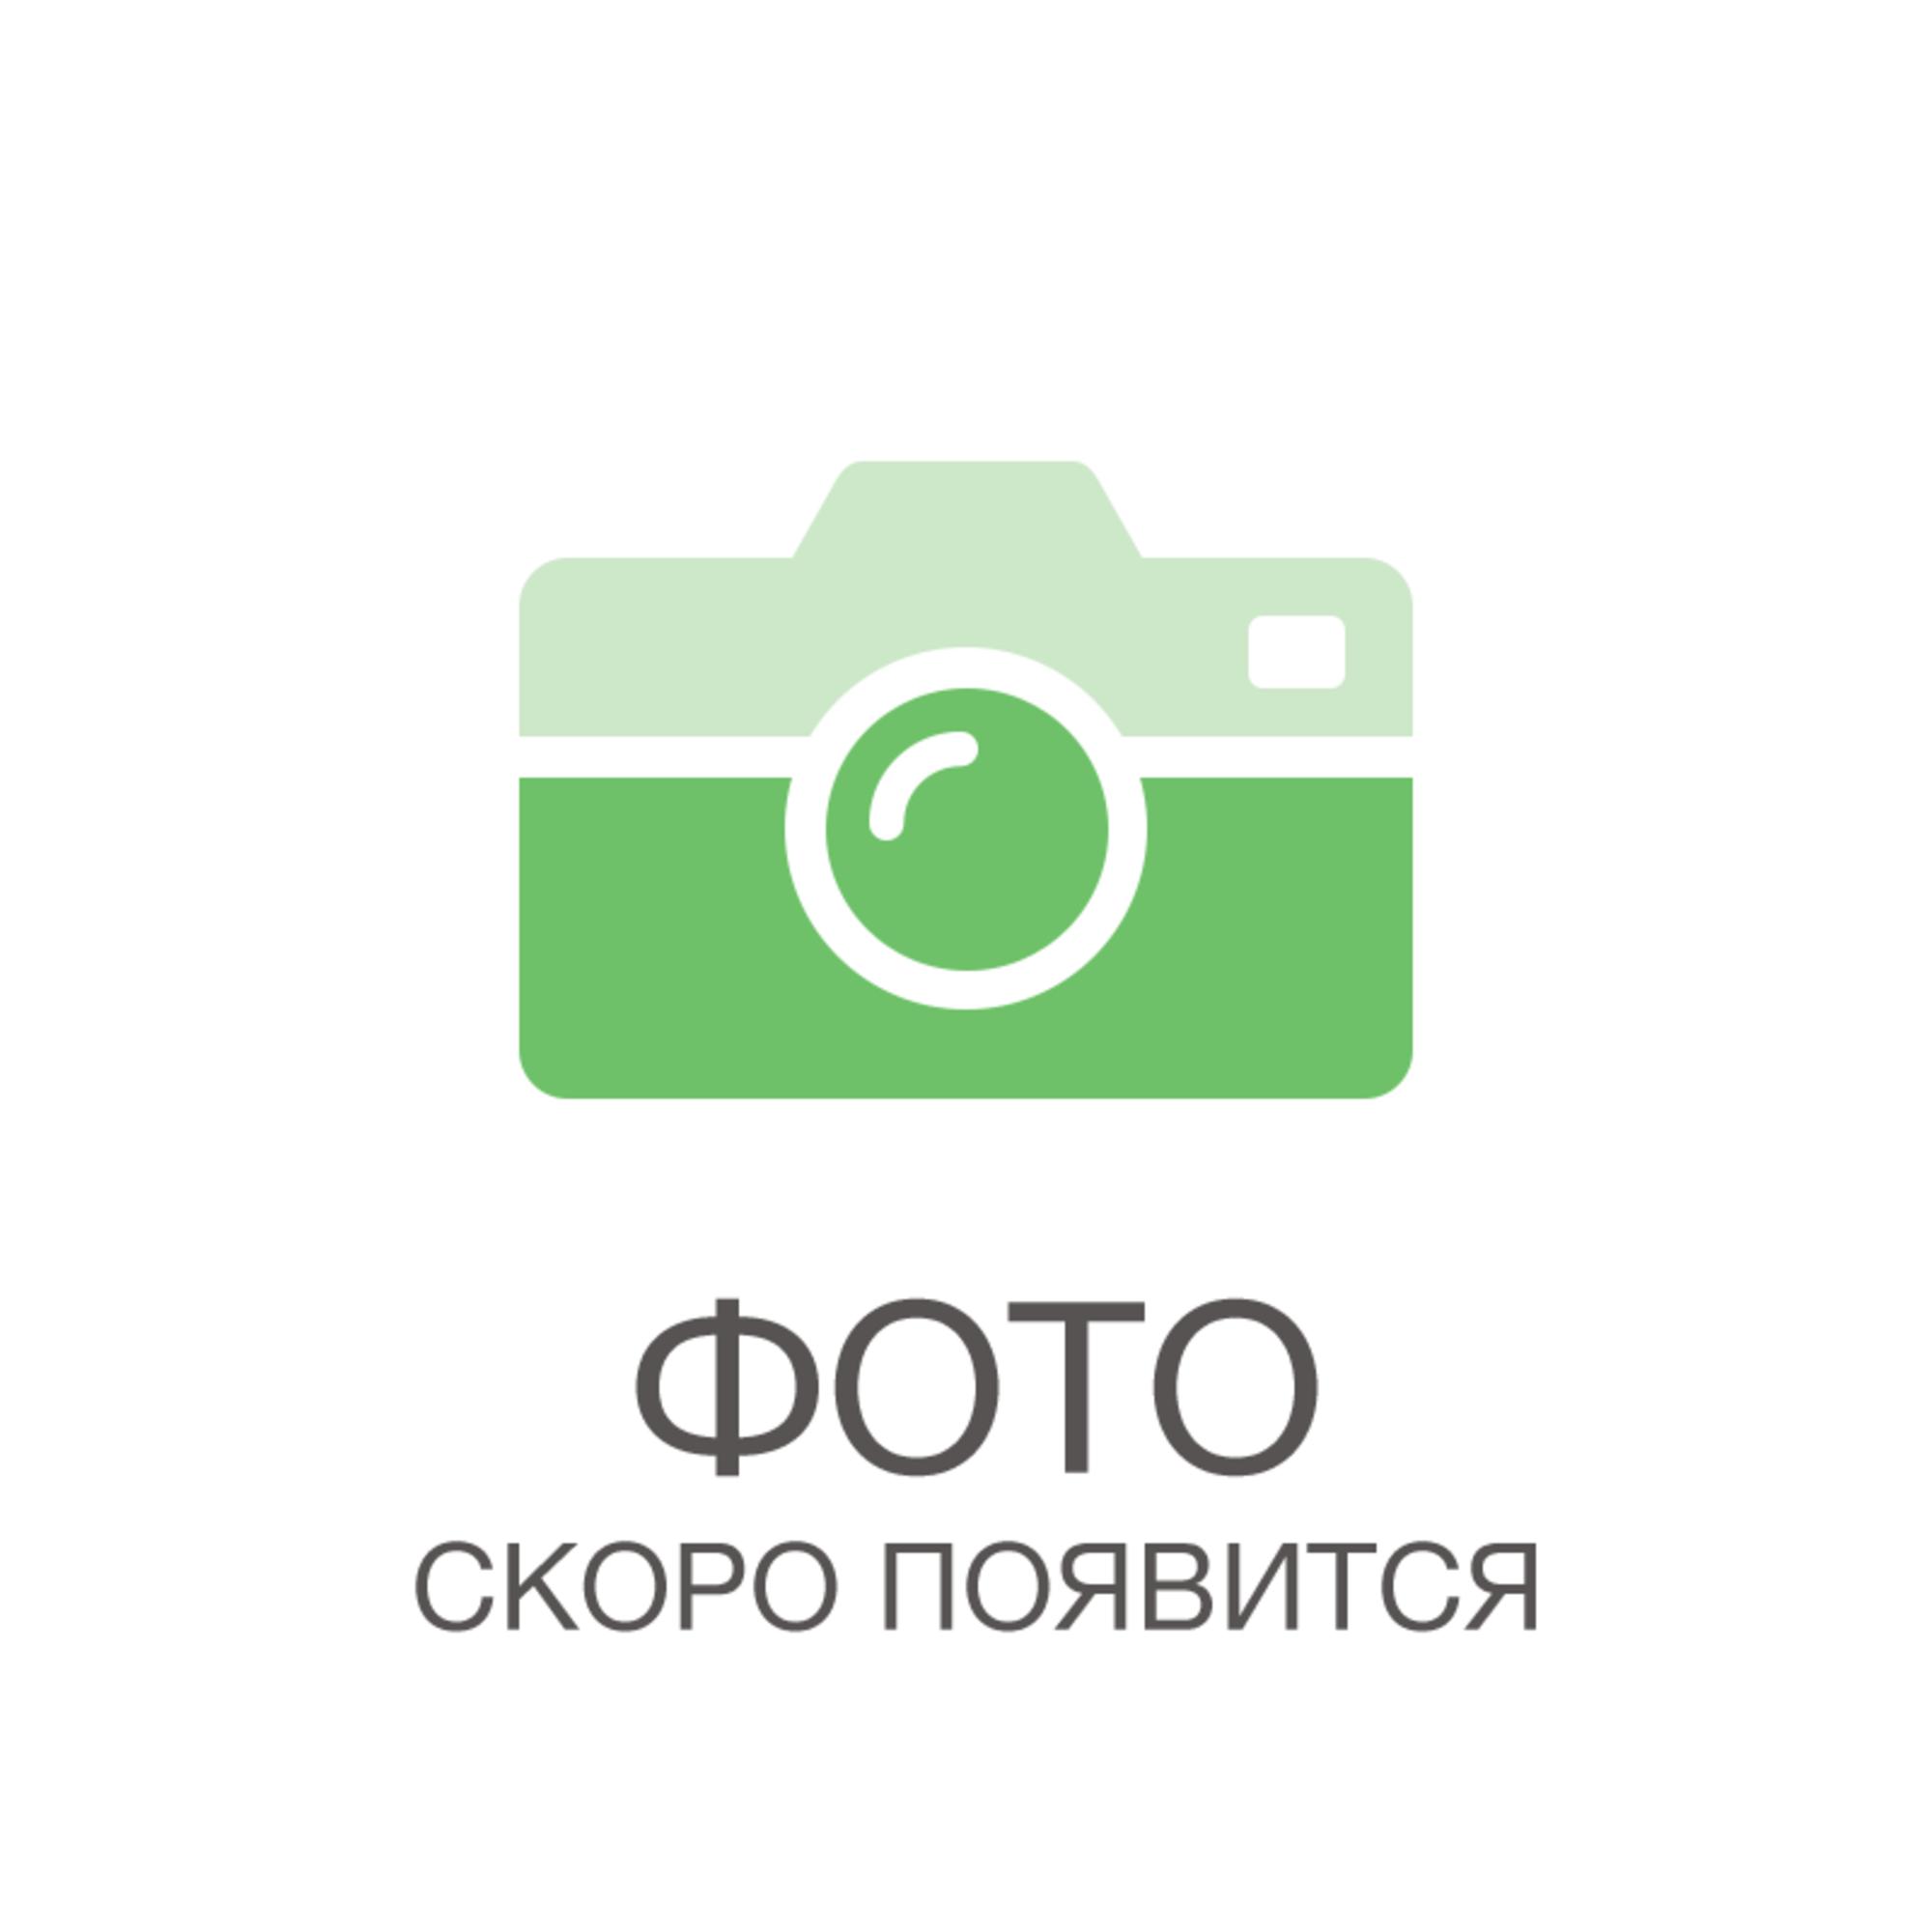 Светодиодная лампочка Фотон 22809 E27 360 Лм 4 Вт